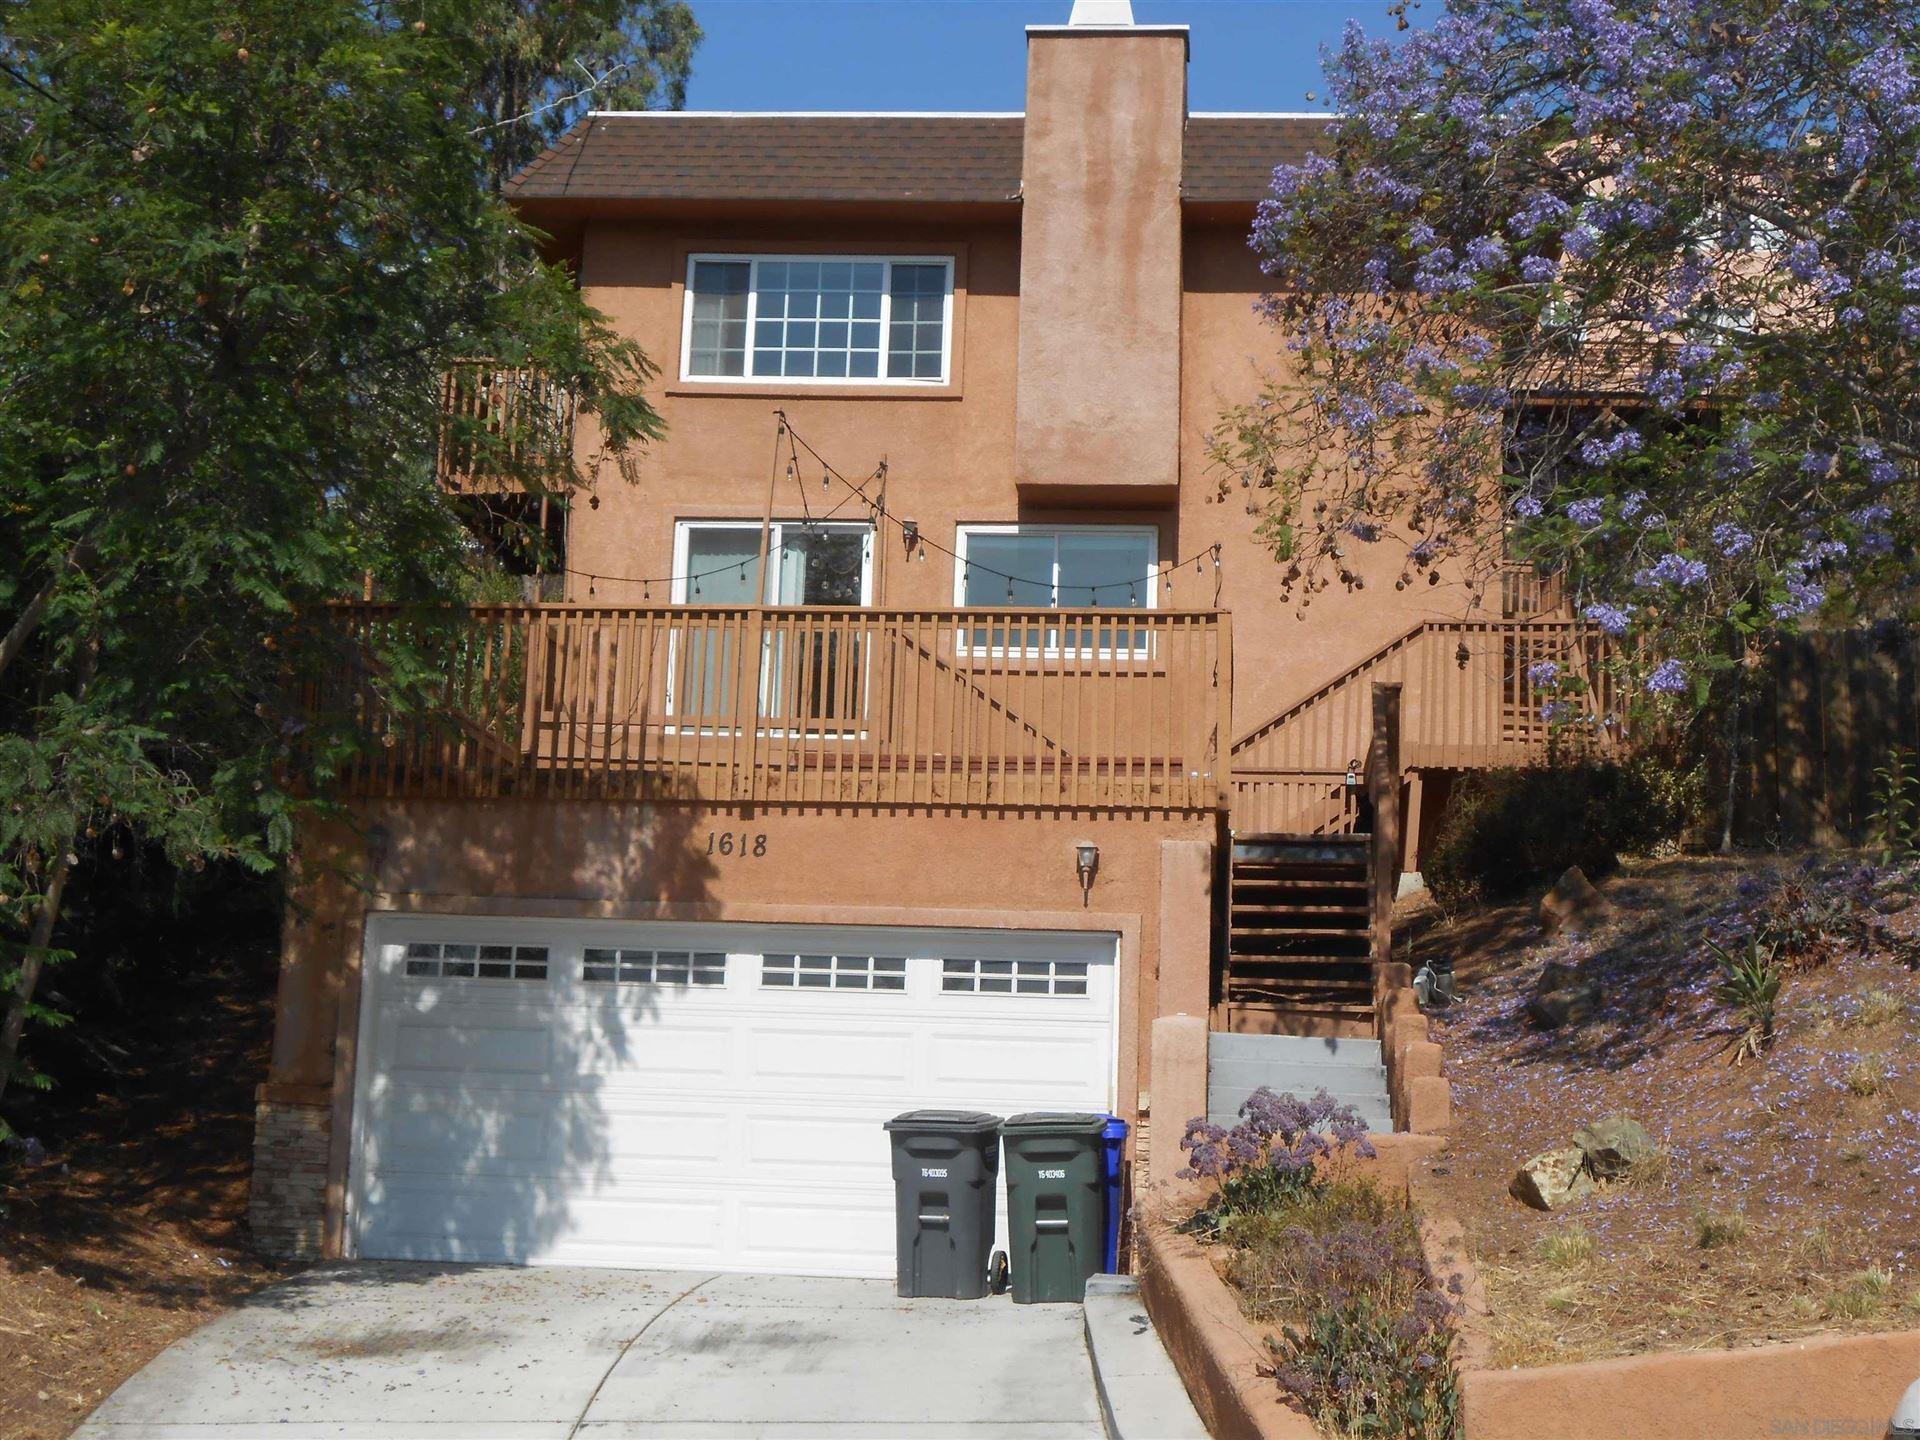 Photo of 1618 San Miguel, Spring Valley, CA 91977 (MLS # 210024723)